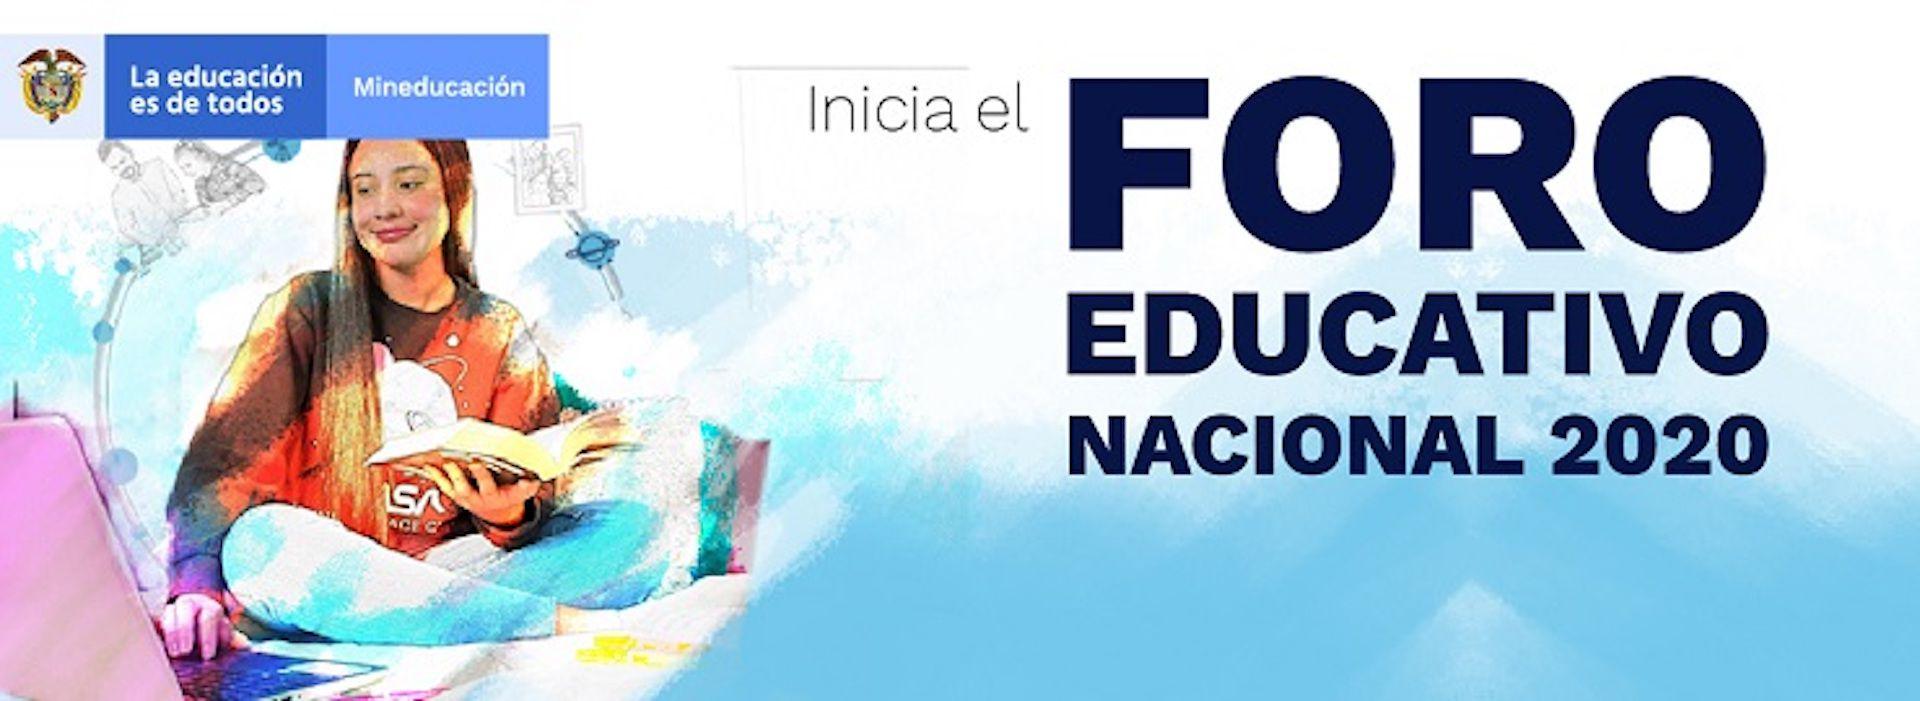 Foro Educativo Nacional 2020 / (Ministerio de Educación)